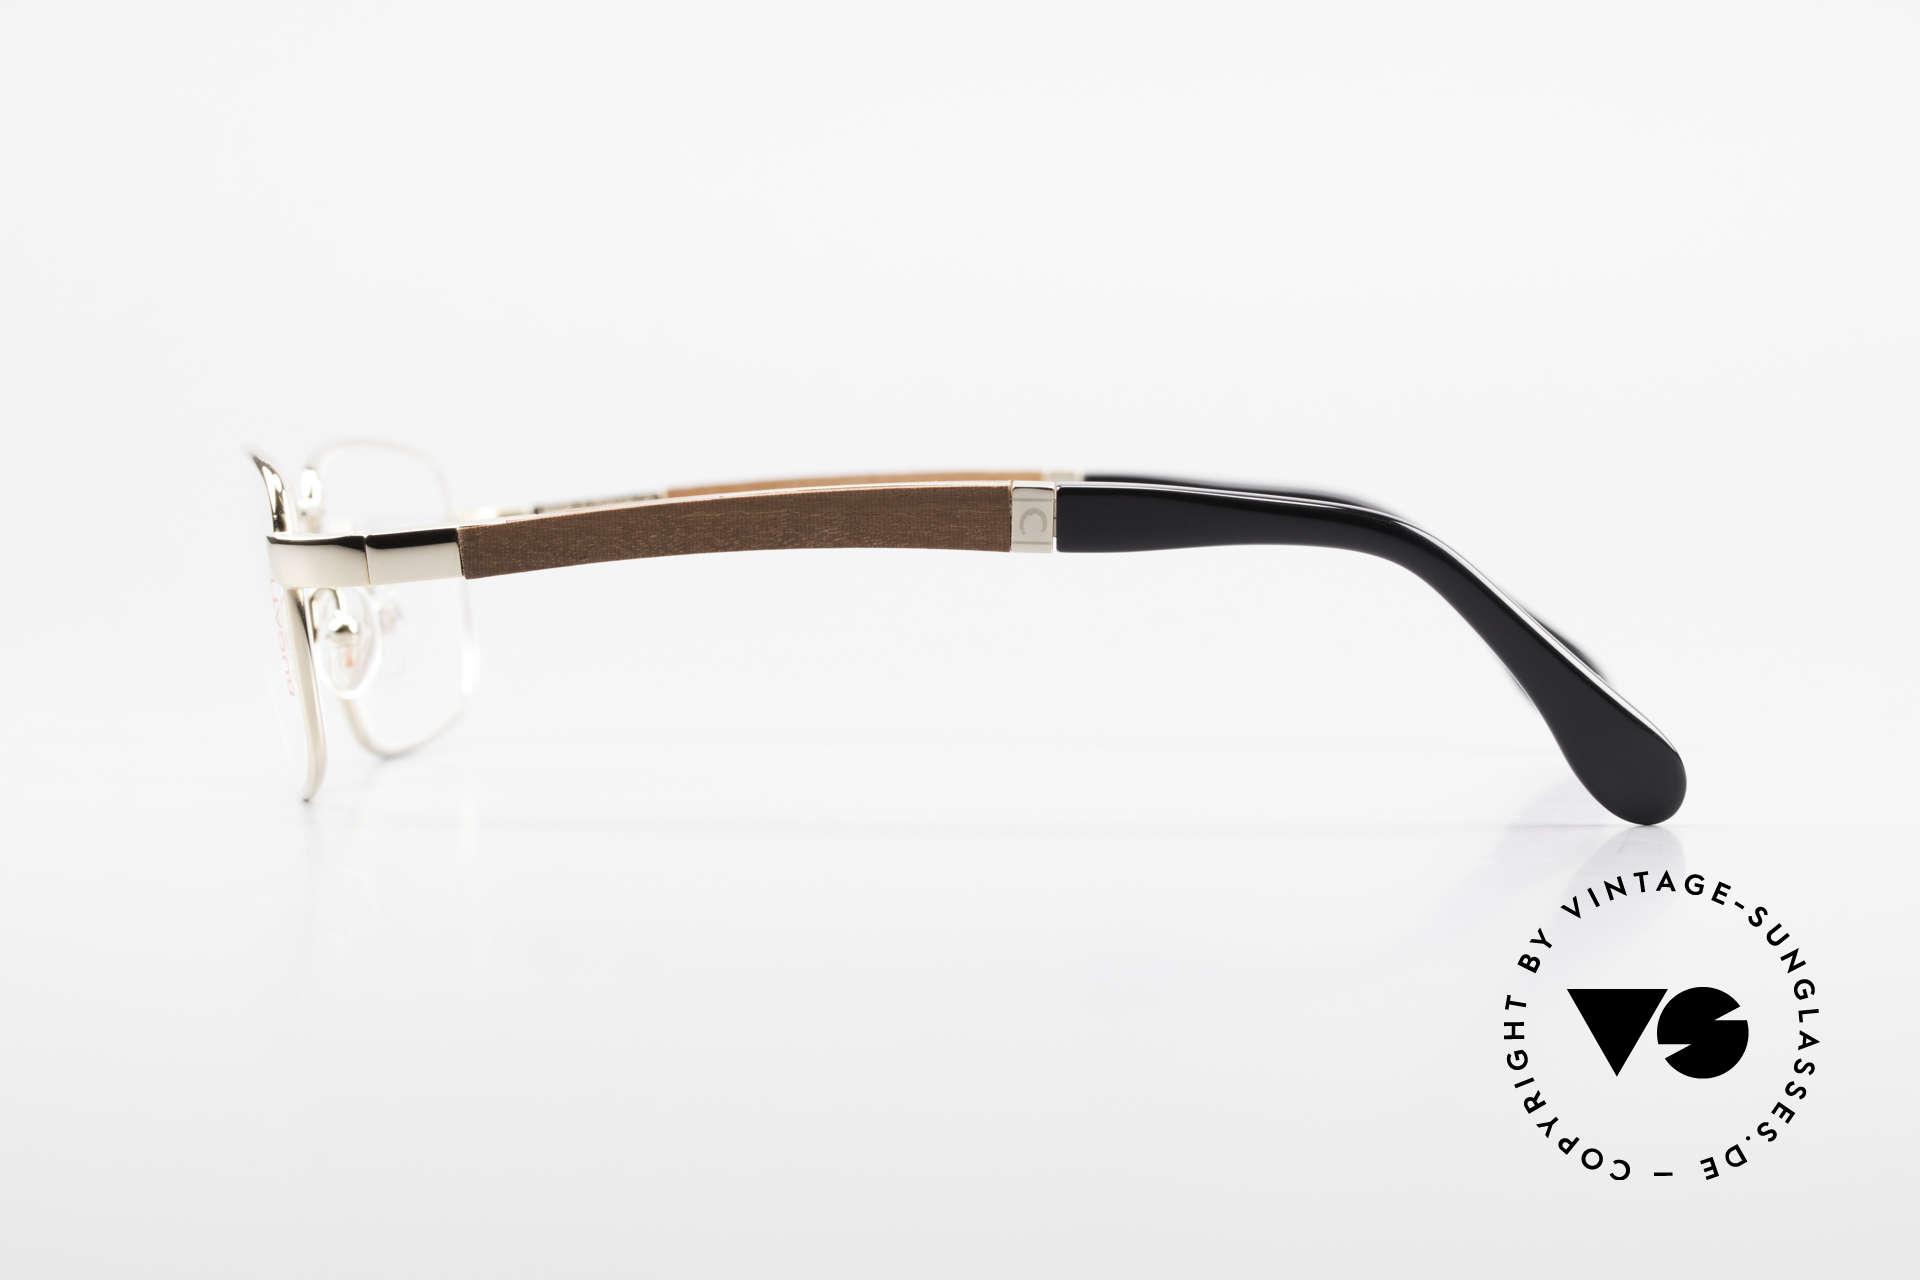 Bugatti 548 Padouk Edelholz Brille Gold M, flexible Federscharniere für eine optimale Passform, Passend für Herren